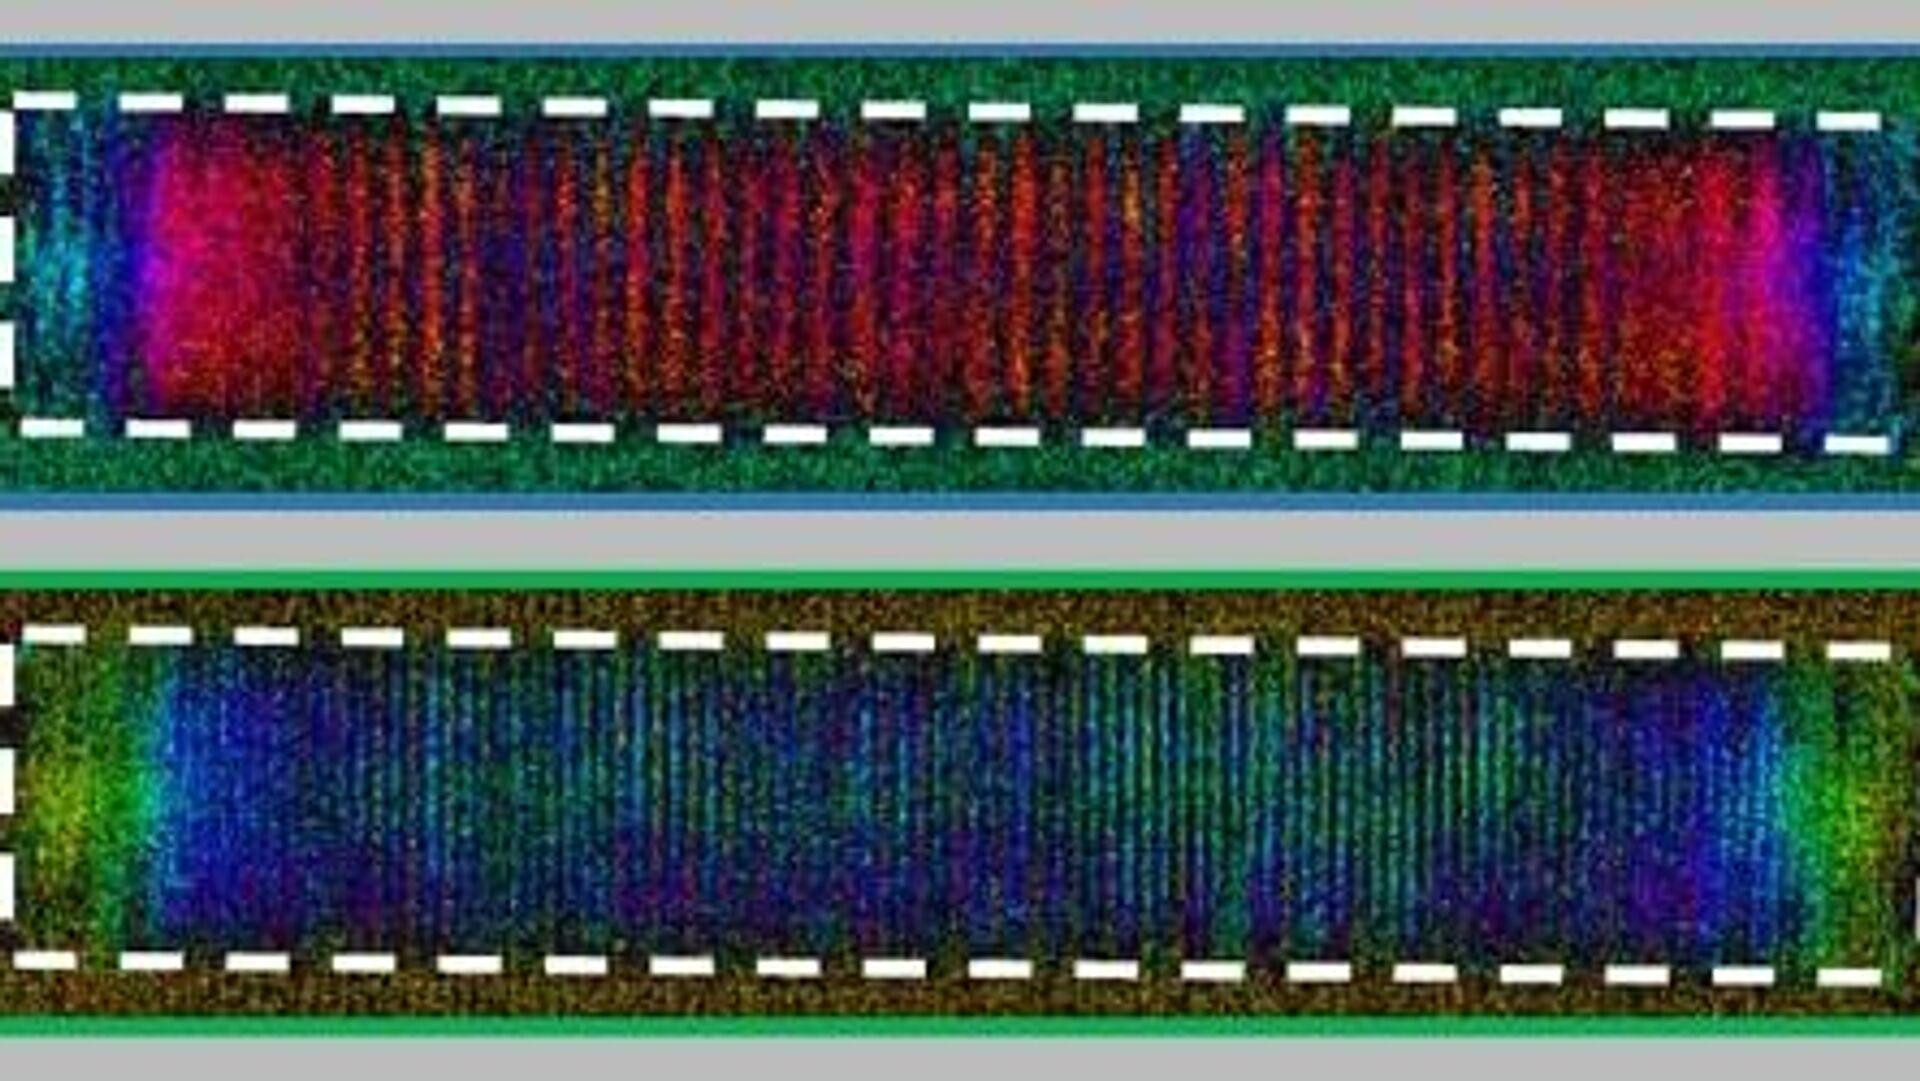 Электронные спиновые волны в полоске из сплава никеля и железа конденсируются, образуя новое экзотическое состояние, которое повторяется как в пространстве, так и во времени - РИА Новости, 1920, 04.02.2021